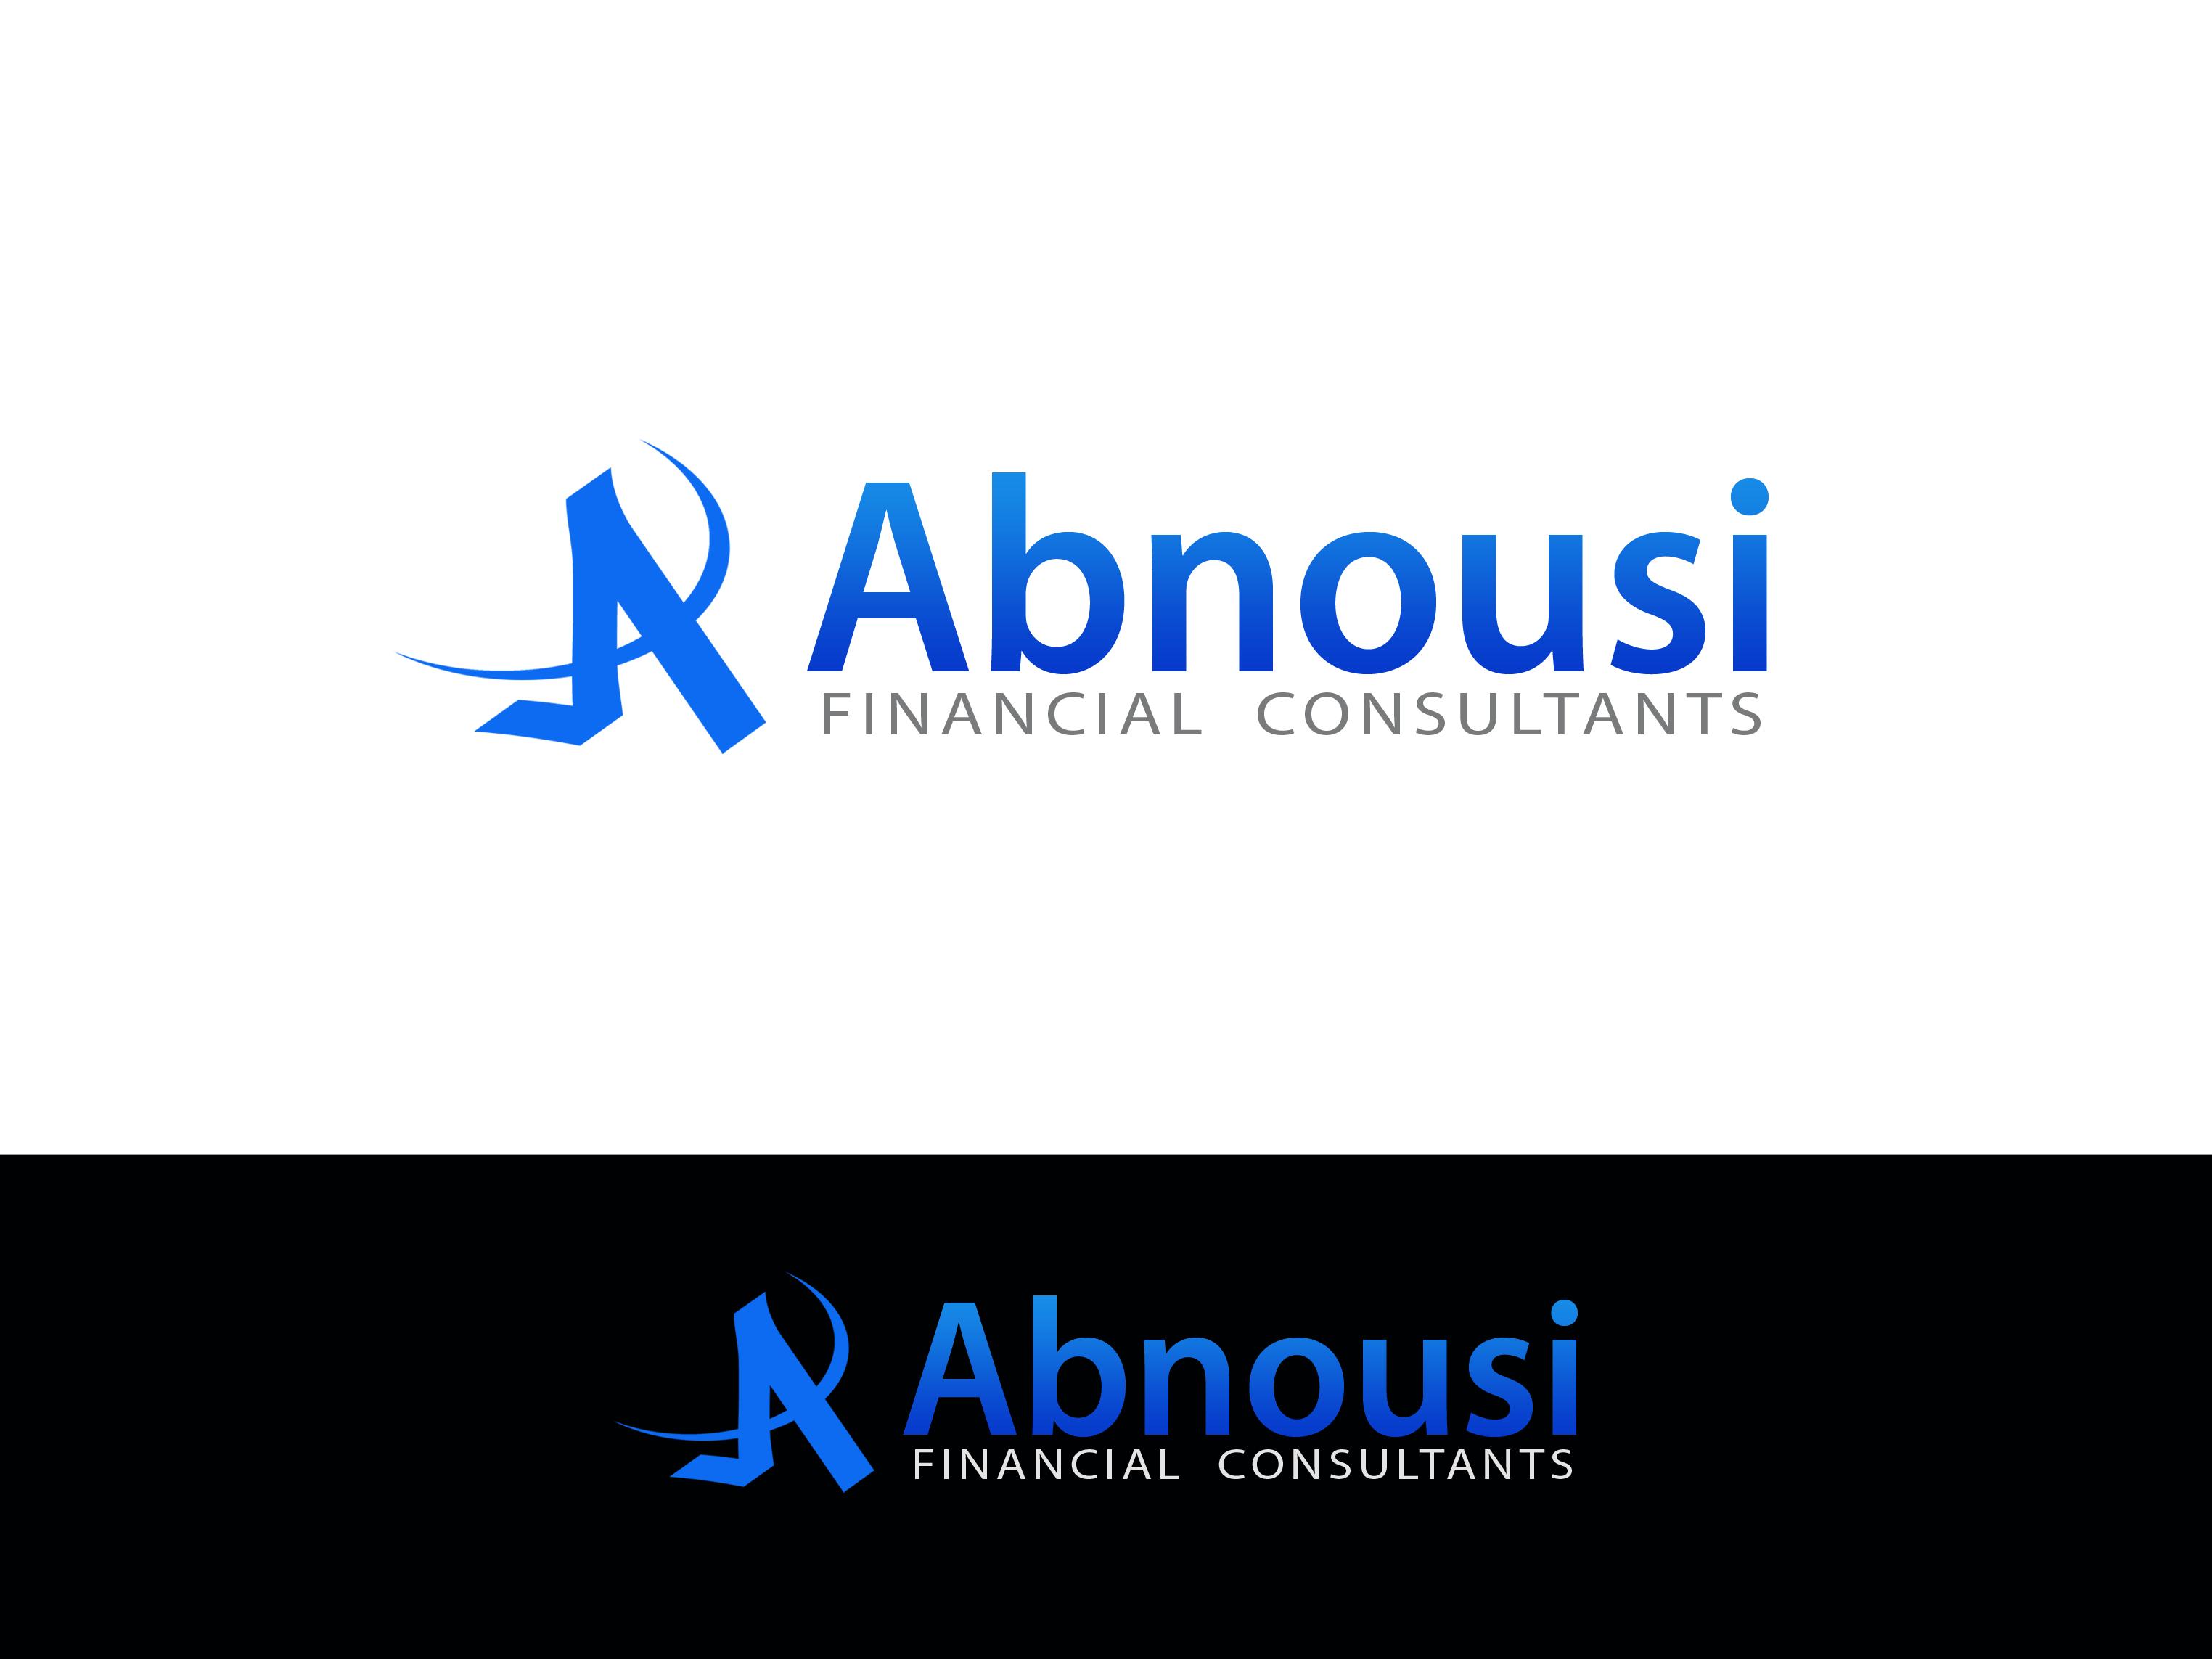 Logo Design by golden-hand - Entry No. 6 in the Logo Design Contest Fun Logo Design for Abnousi Financial Consultants.